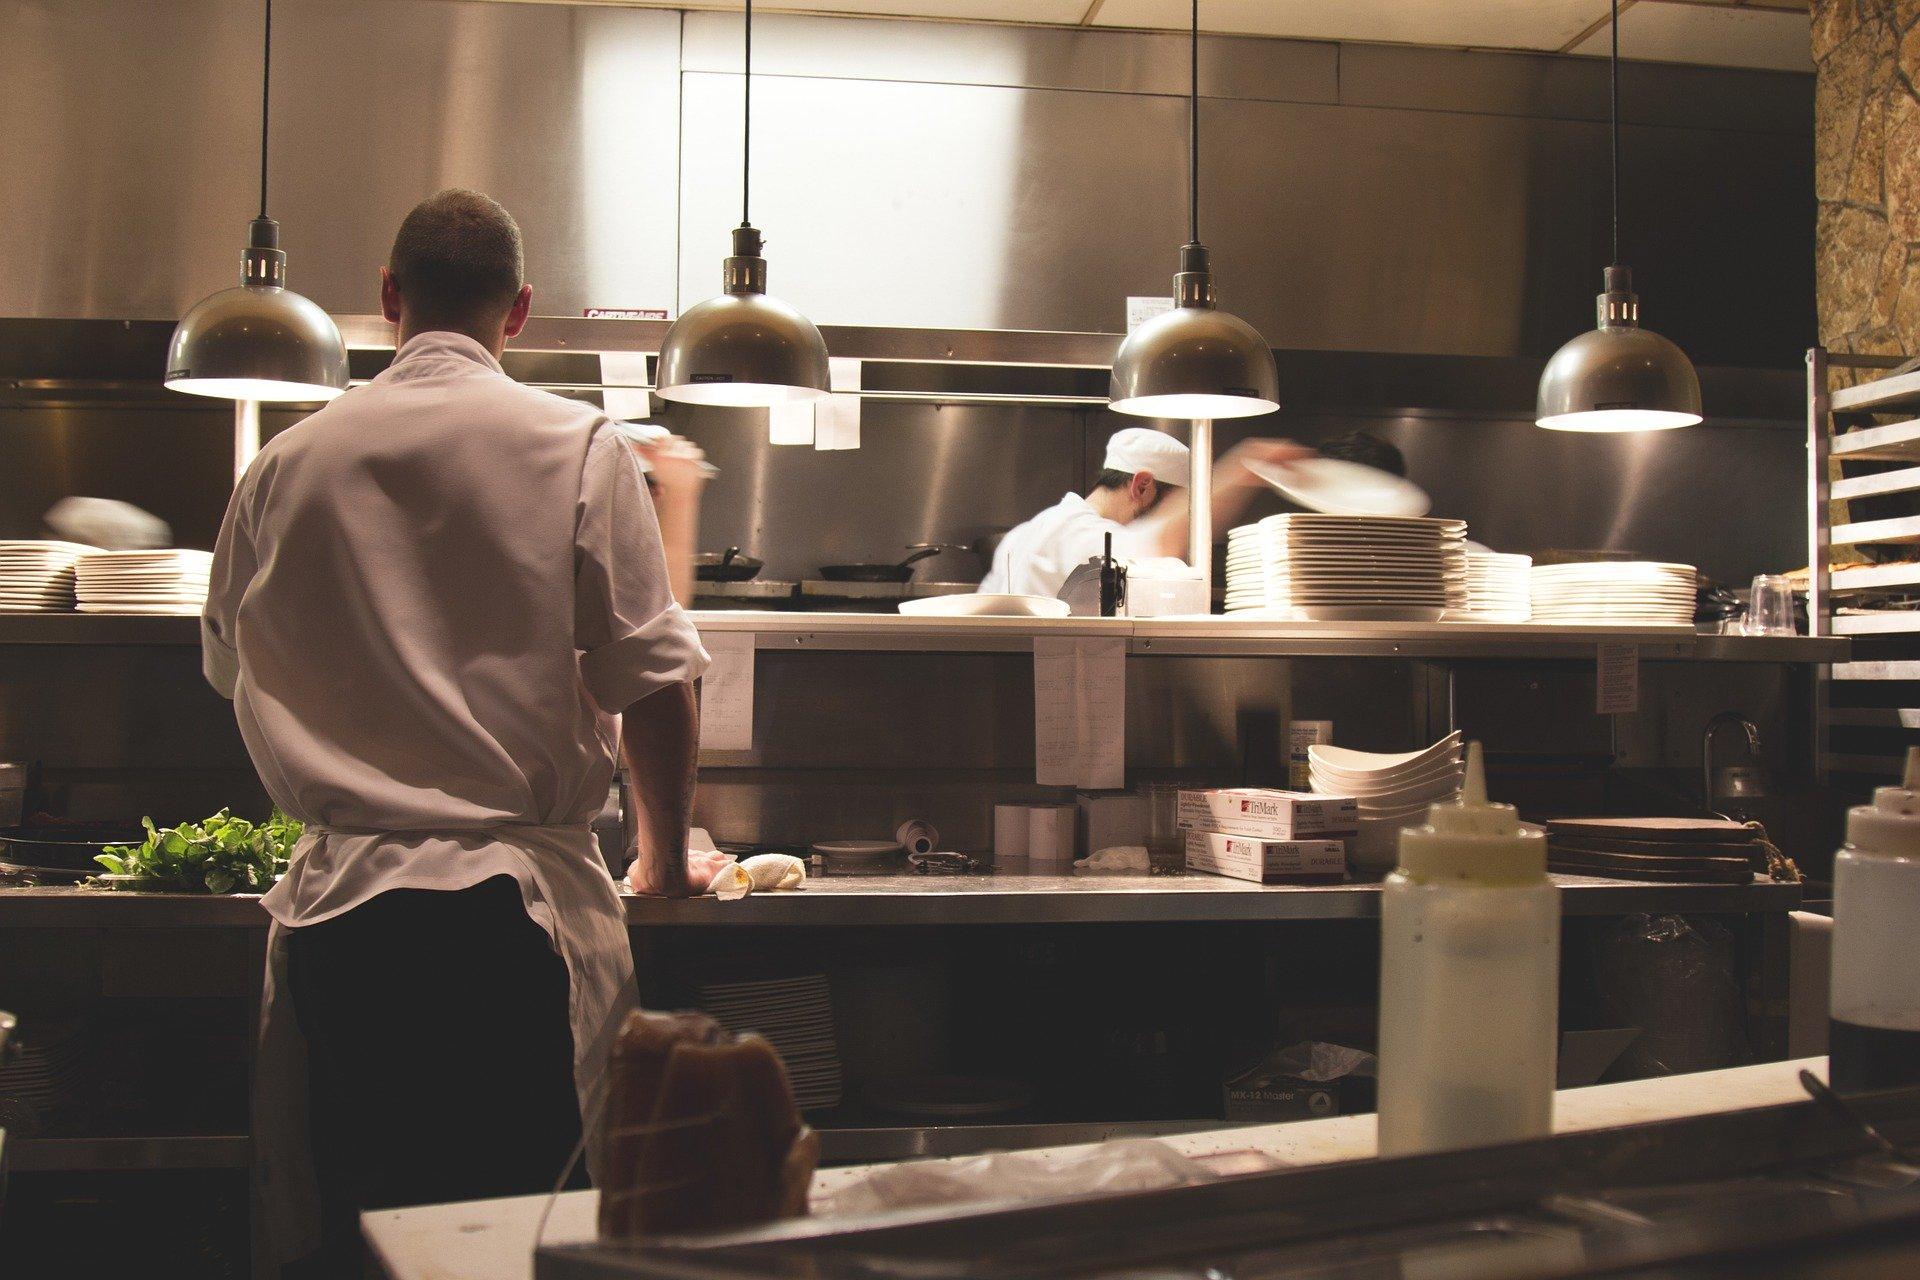 DiDi Food y Konfío otorgarán créditos a restaurantes